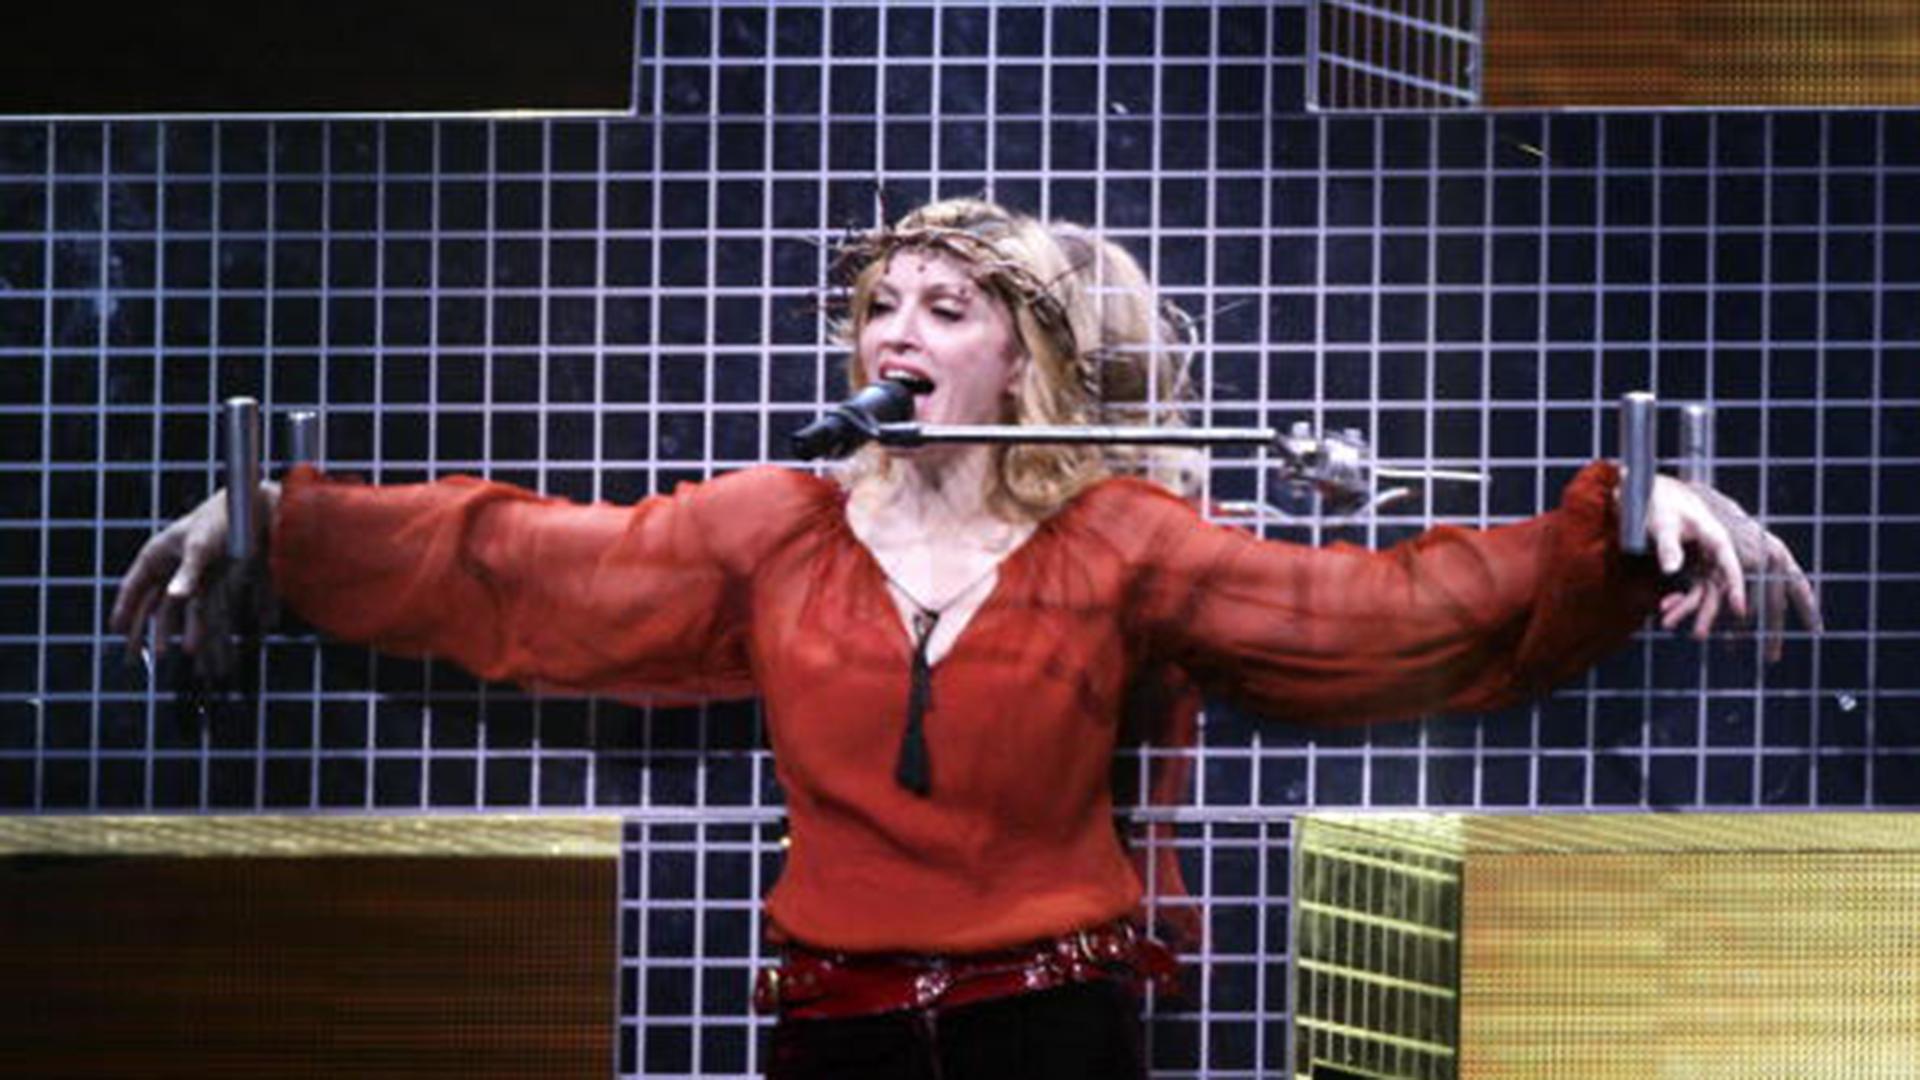 Cantó 'Live To Tell' crucificada emulando a Jesús y recibió el repudio del Vaticano y otras entidades religiosas.